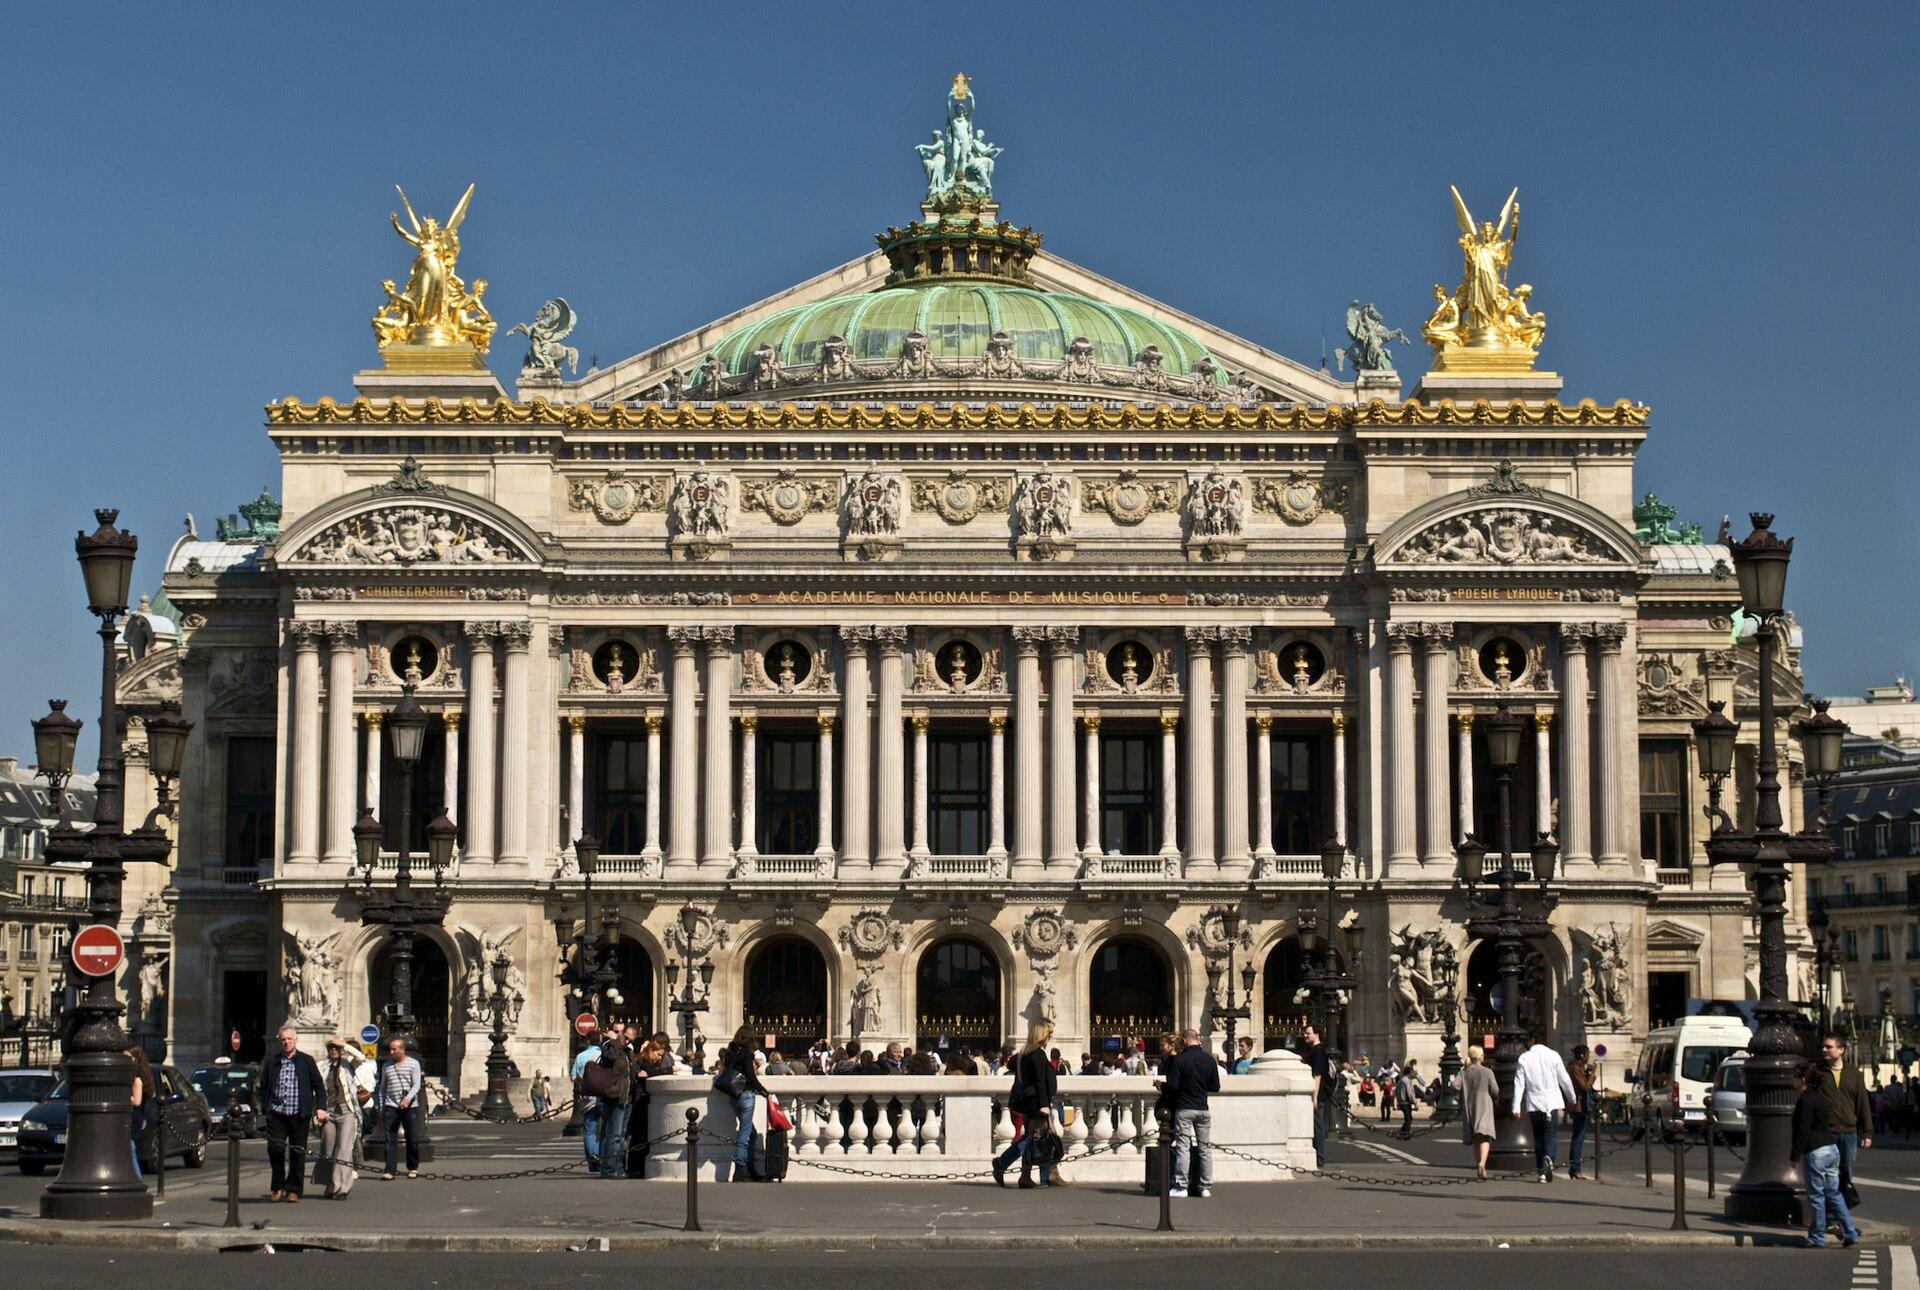 Pera de par s wikipedia la enciclopedia libre for Paris libre